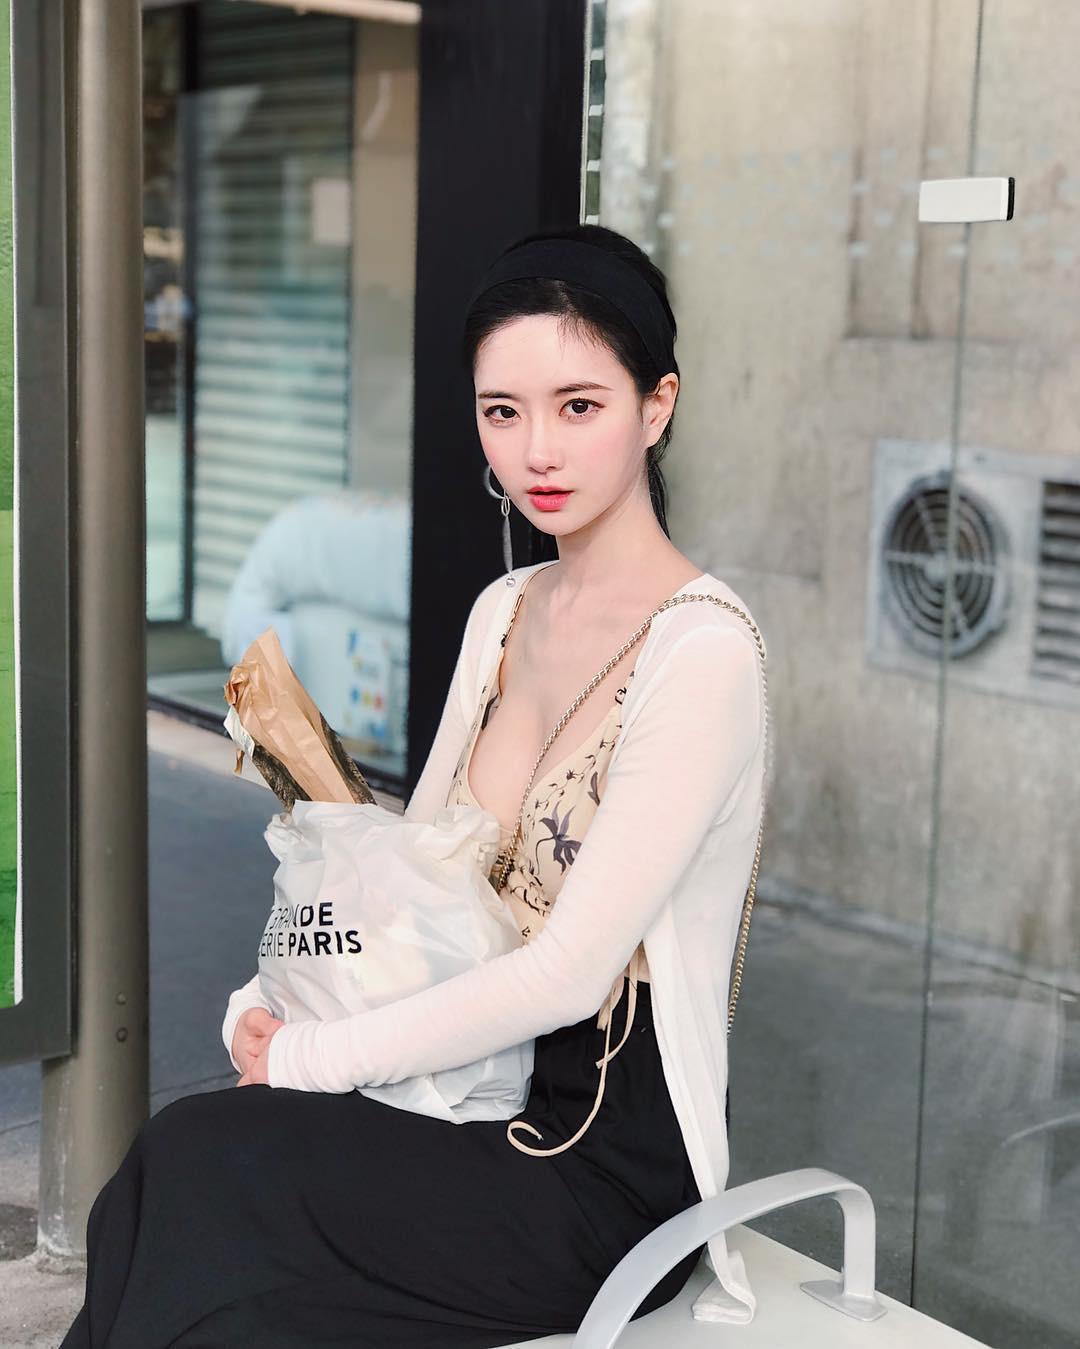 Các thiếu nữ xứ Hàn khéo hút ánh nhìn nơi công cộng nhờ nguyên tắc chỉ mặc hở 1 điểm - 1